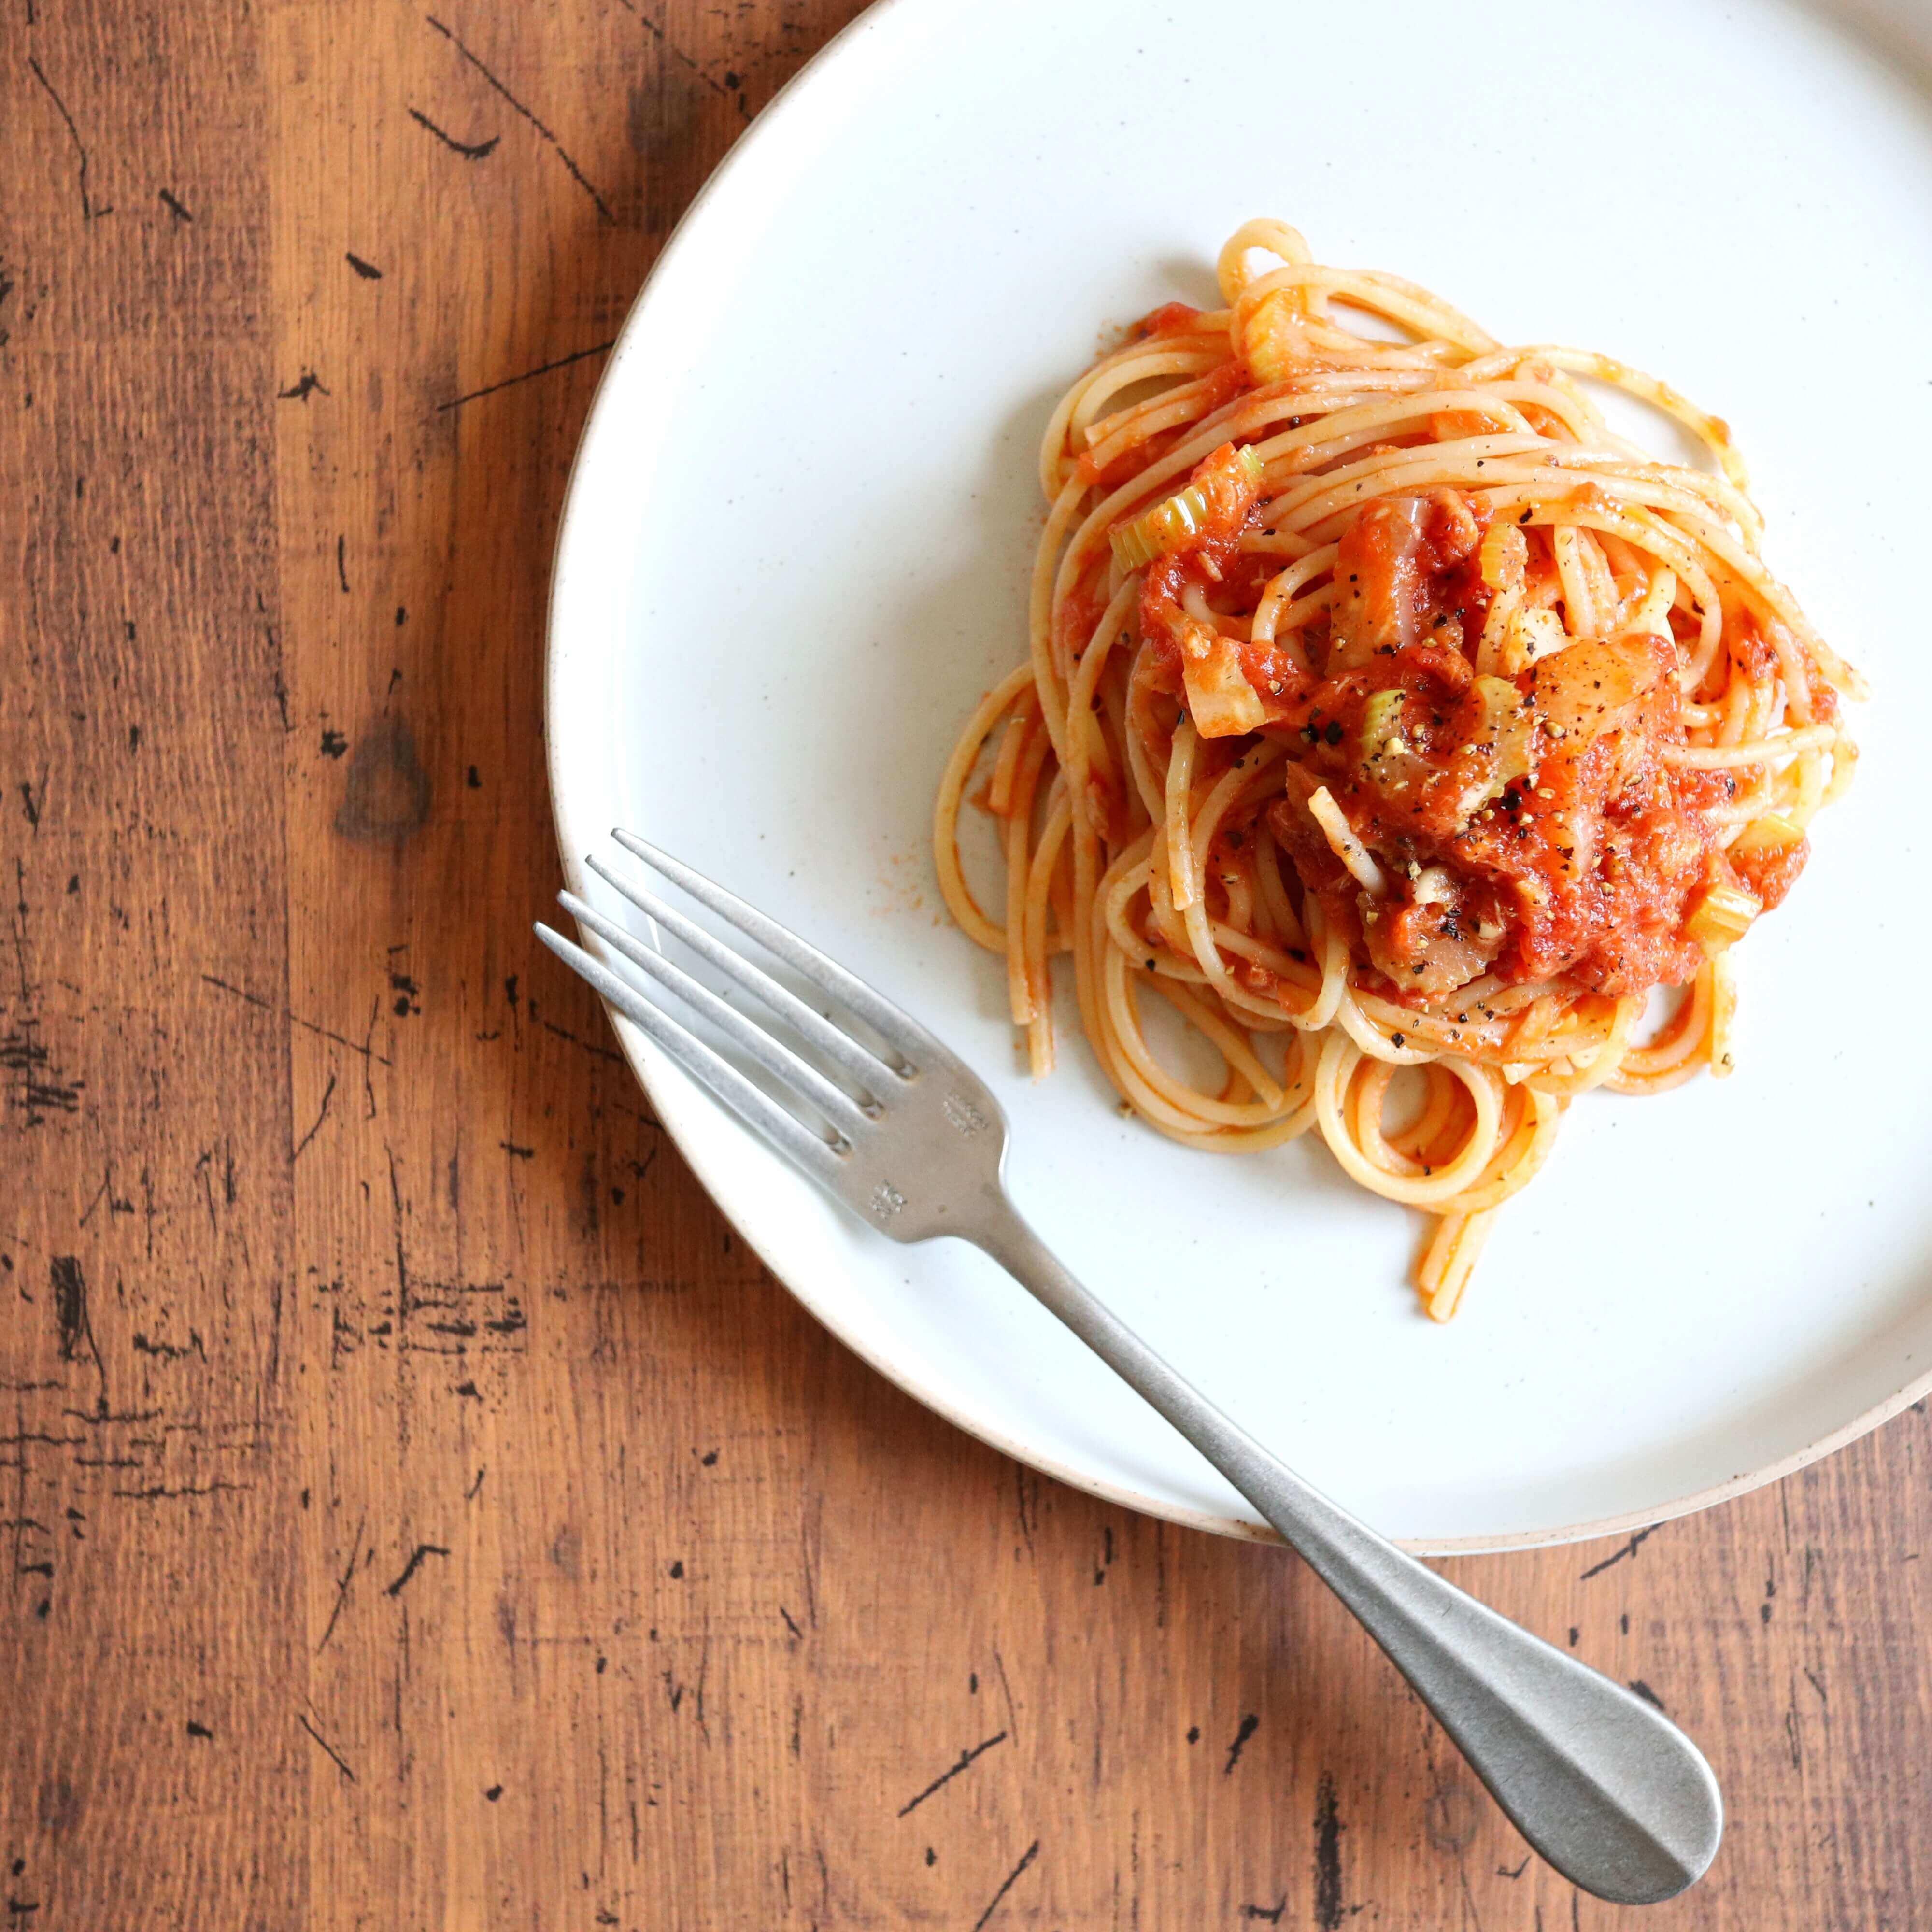 【絶品!】ツナとセロリのトマトパスタのレシピ